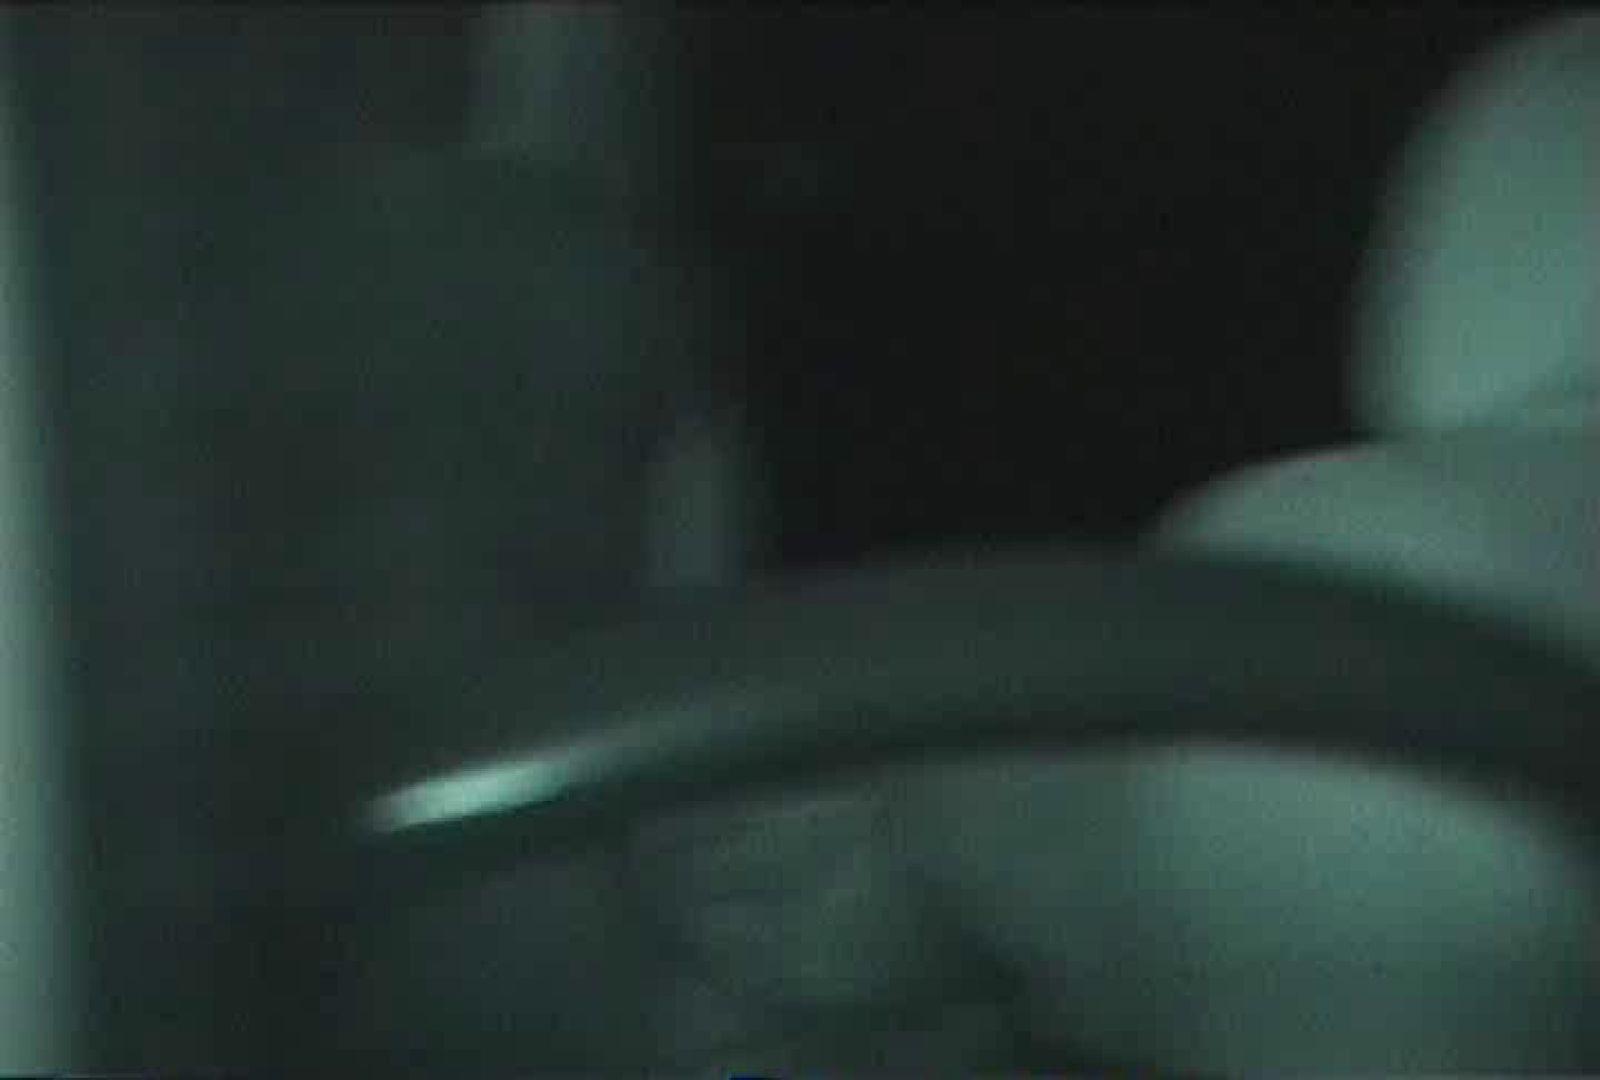 充血監督の深夜の運動会Vol.82 OLセックス | お姉さんヌード  108画像 89